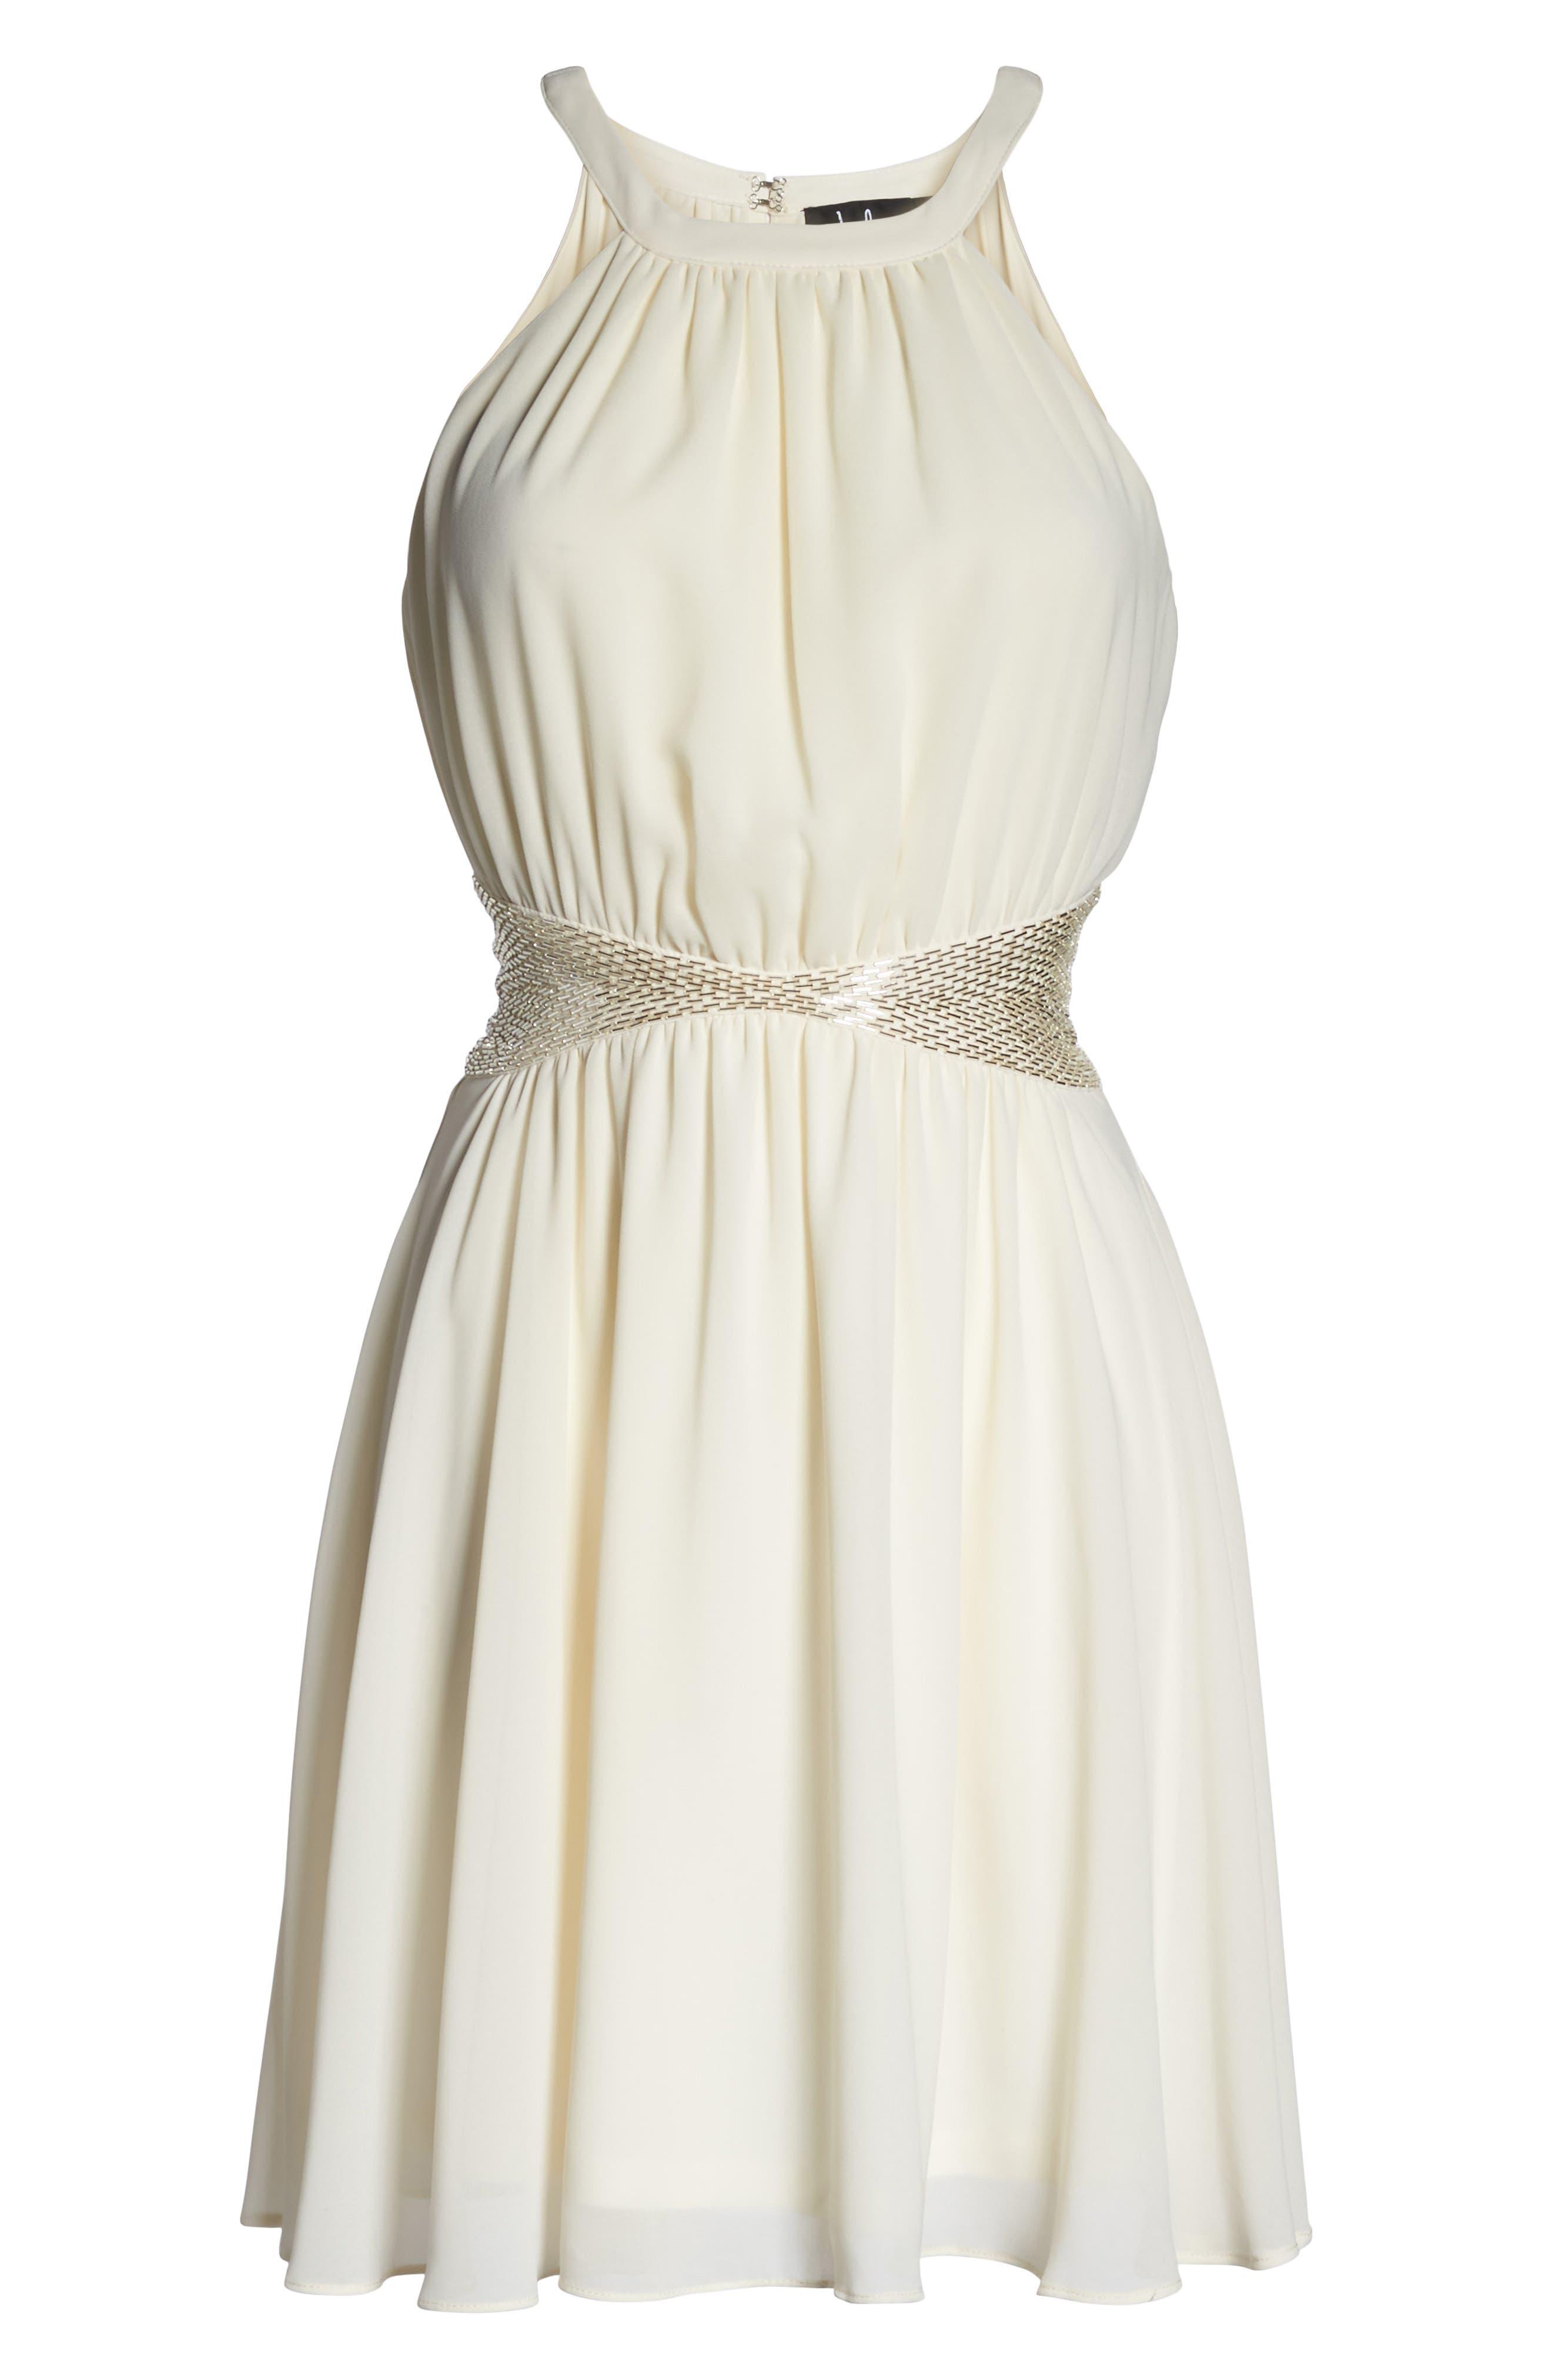 One More Night Beaded Skater Dress,                             Alternate thumbnail 6, color,                             900